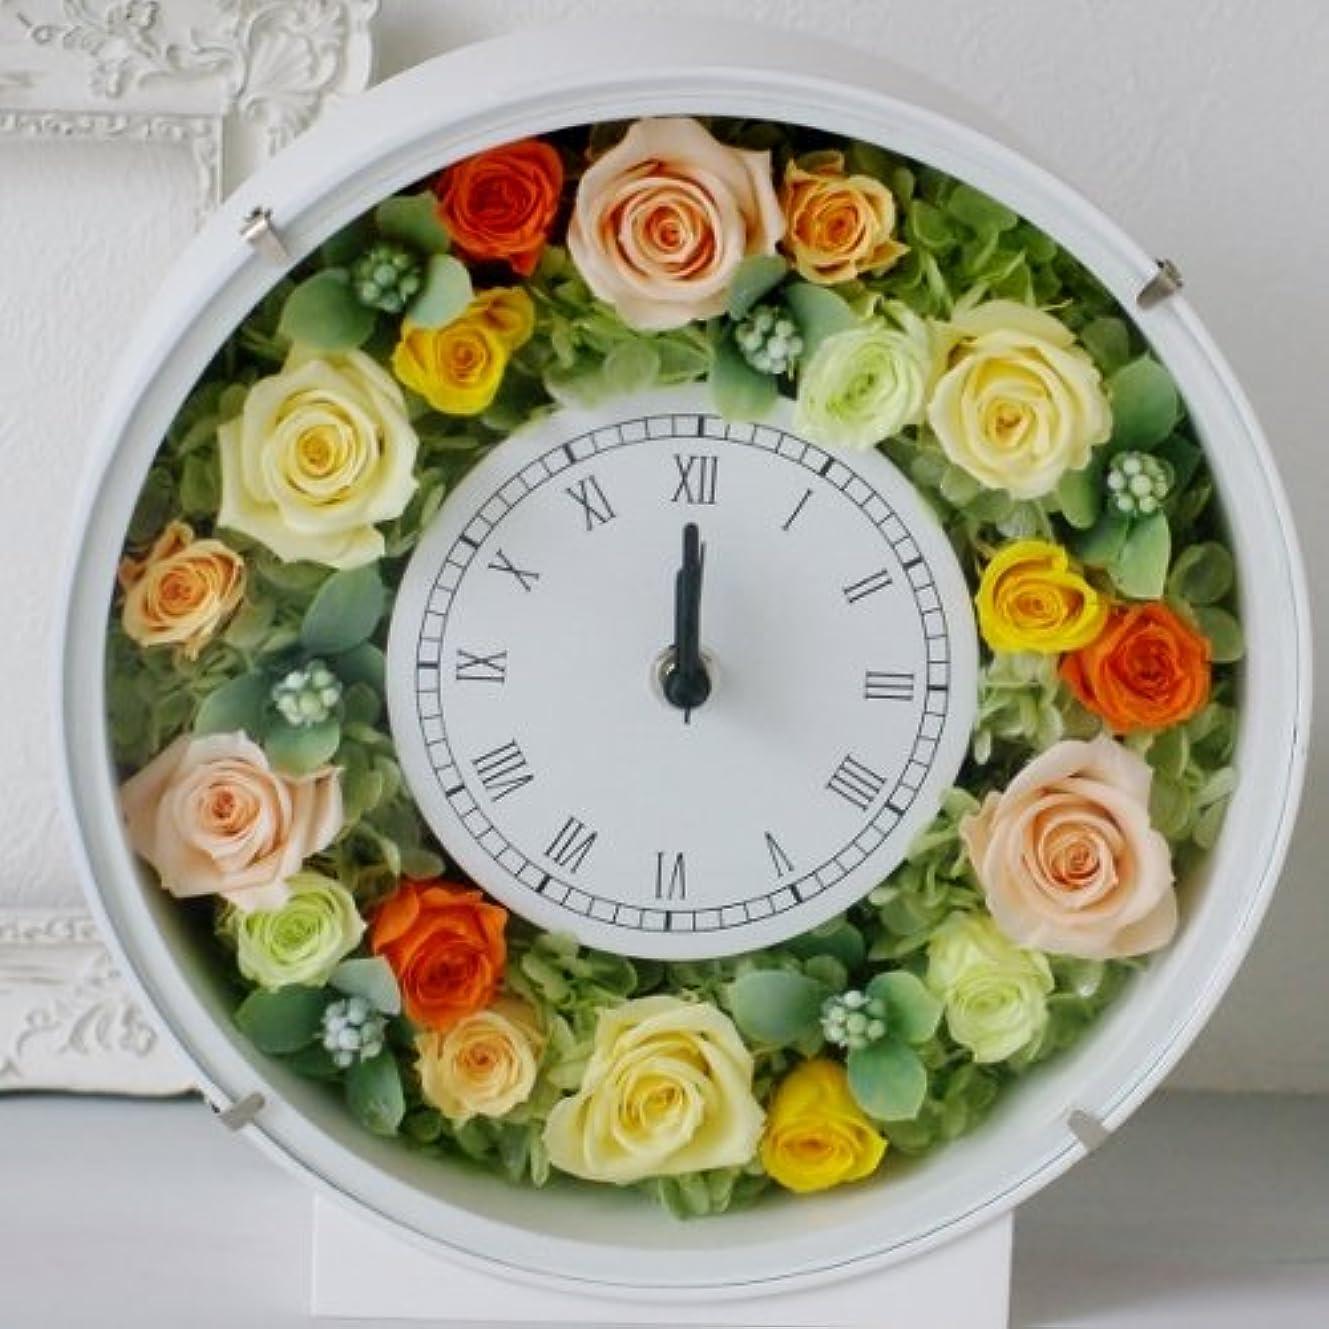 グローブ腕ありがたい【Eclaire Flower Design】 プリザーブドフラワー 花時計 イエロー/オレンジ